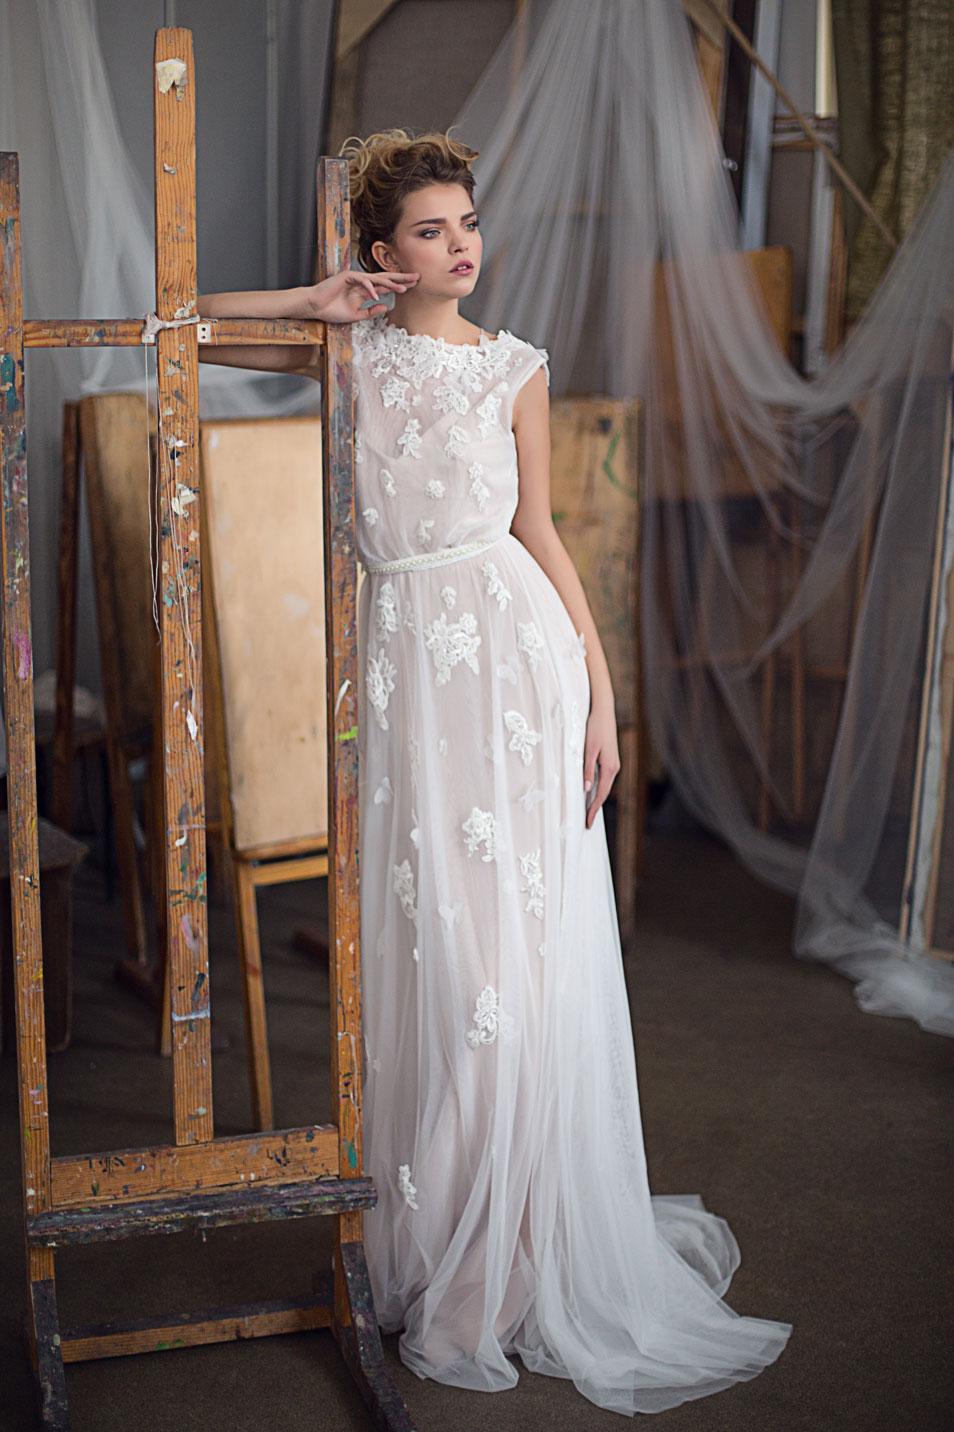 c5c3bd13c13 Свадебные платья в стиле Бохо из элит-сетки и шелка Konstanta ...